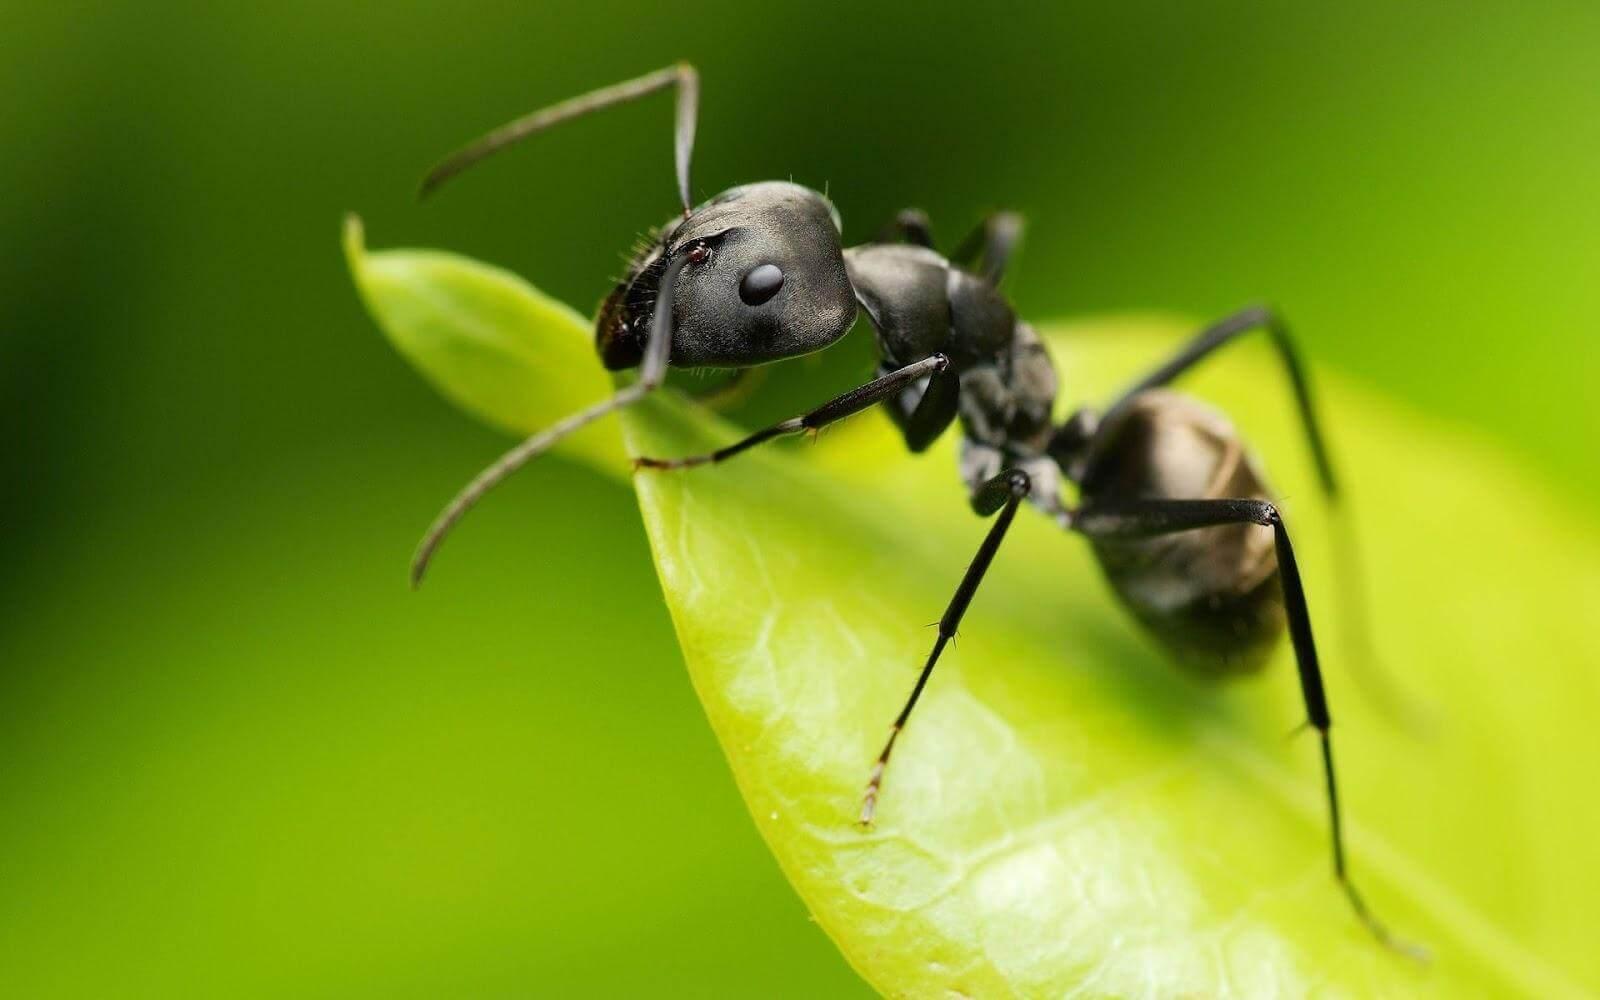 використання оцту в саду від мурах